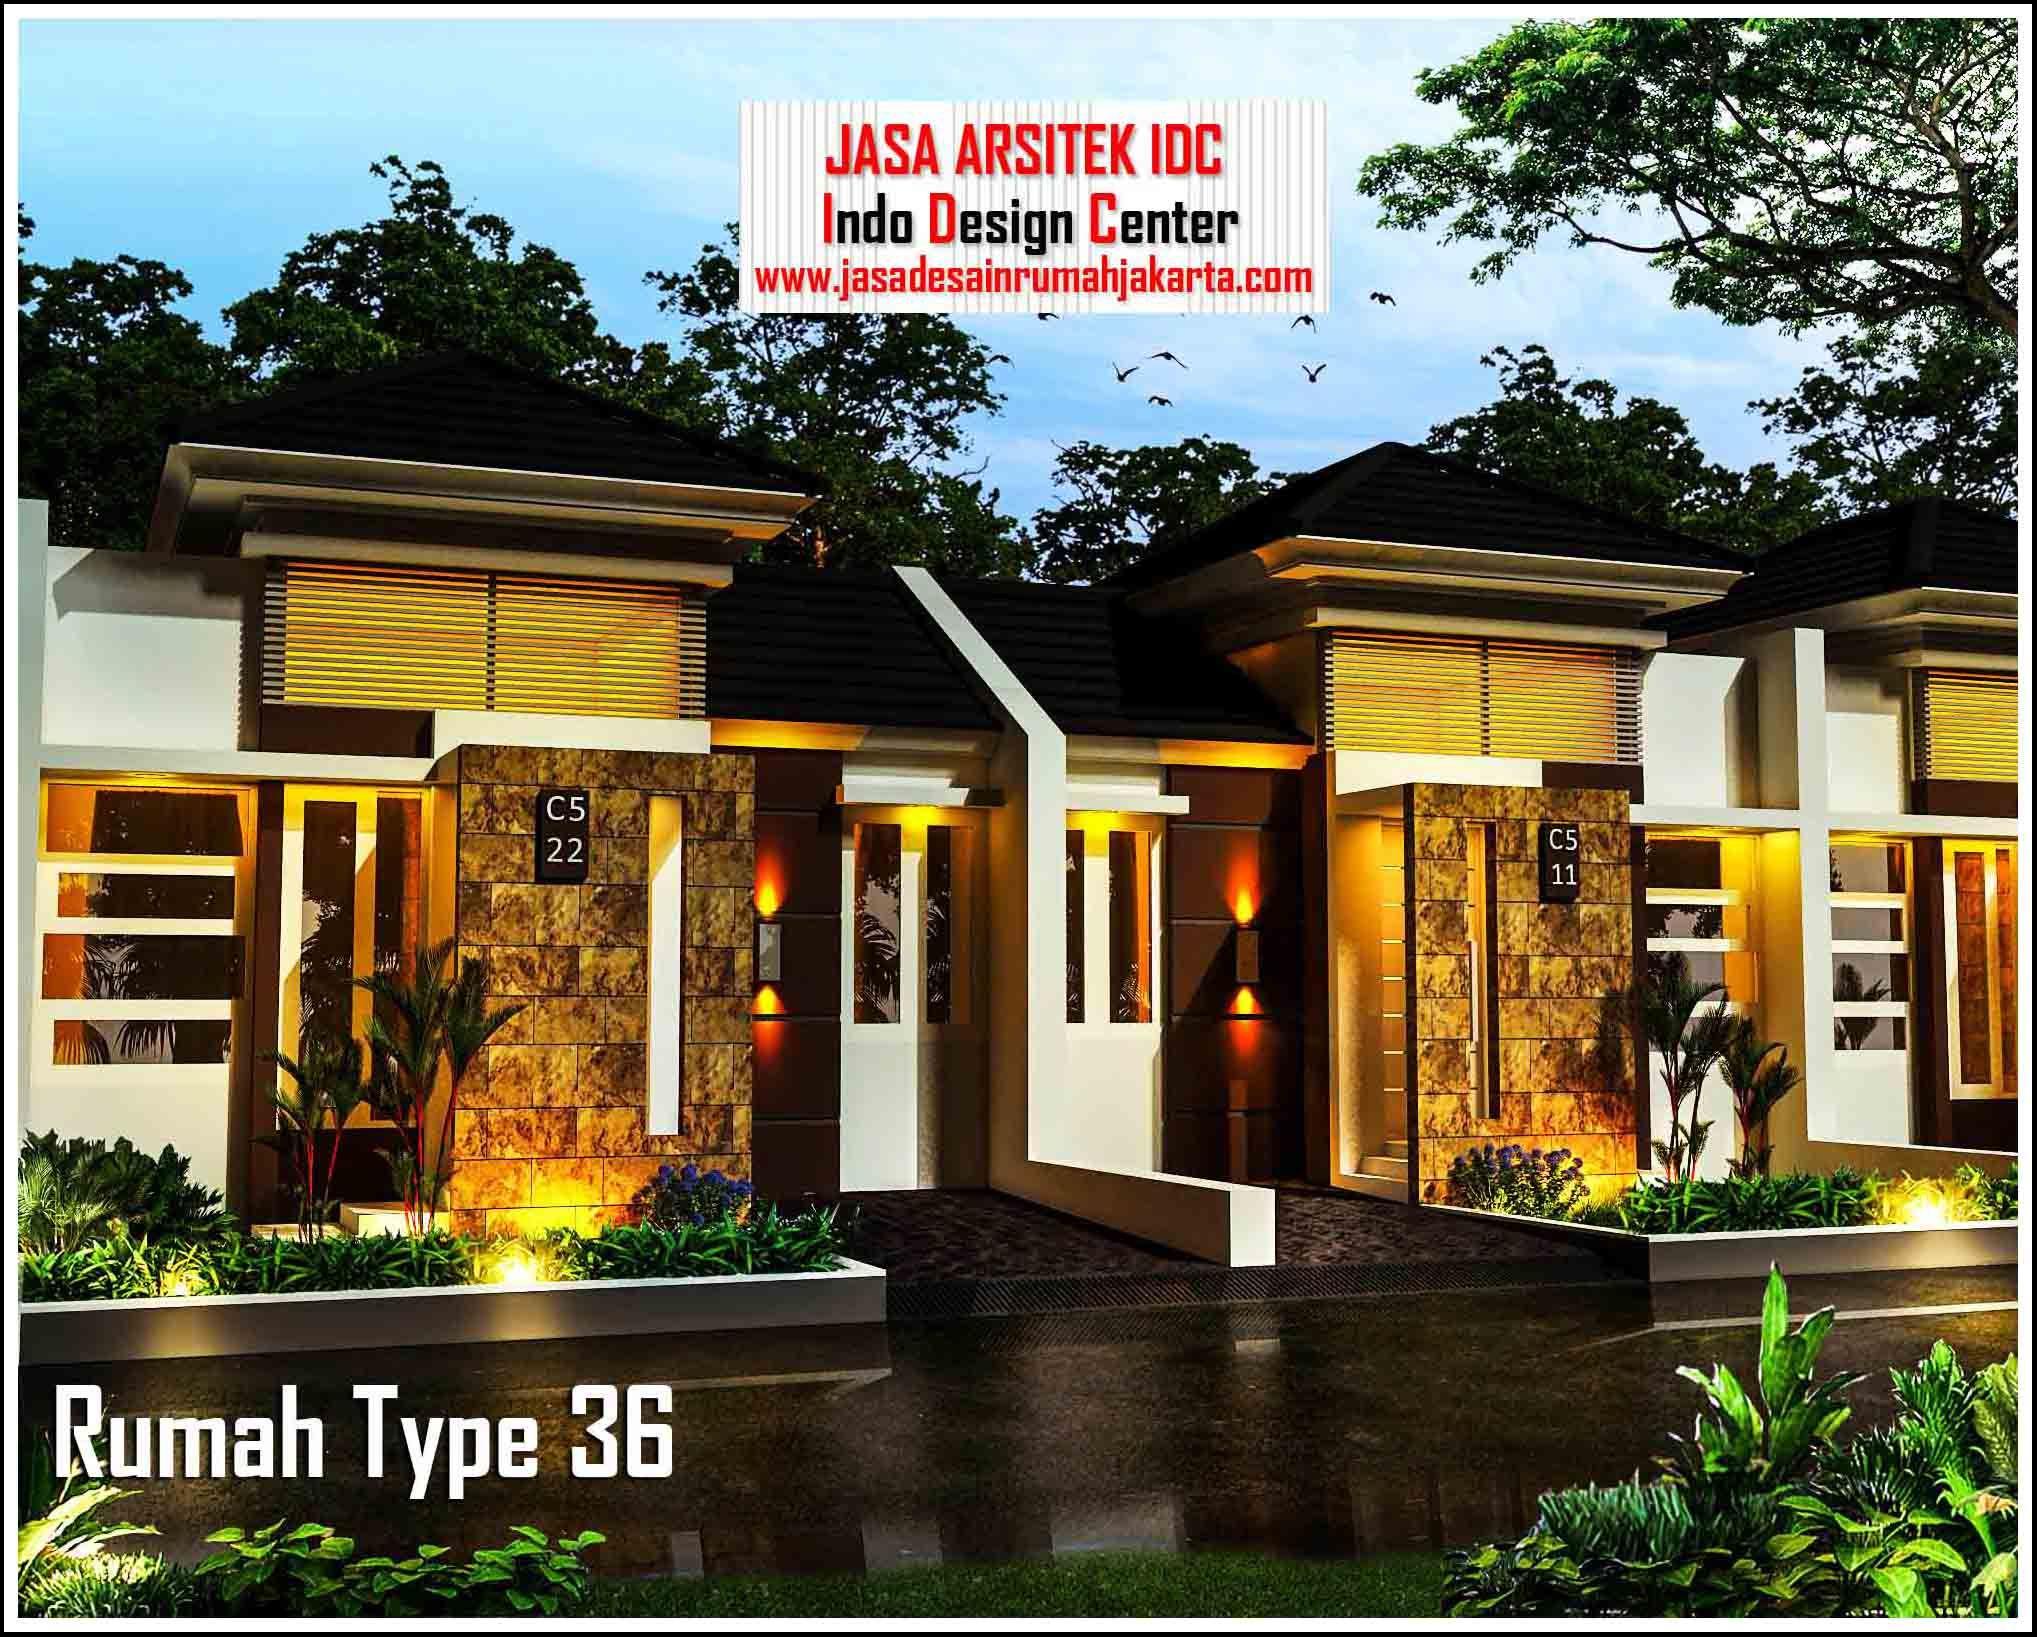 Renovasi Rumah Type 36 1 Lantai - Inspirasi Desain Rumah 2019